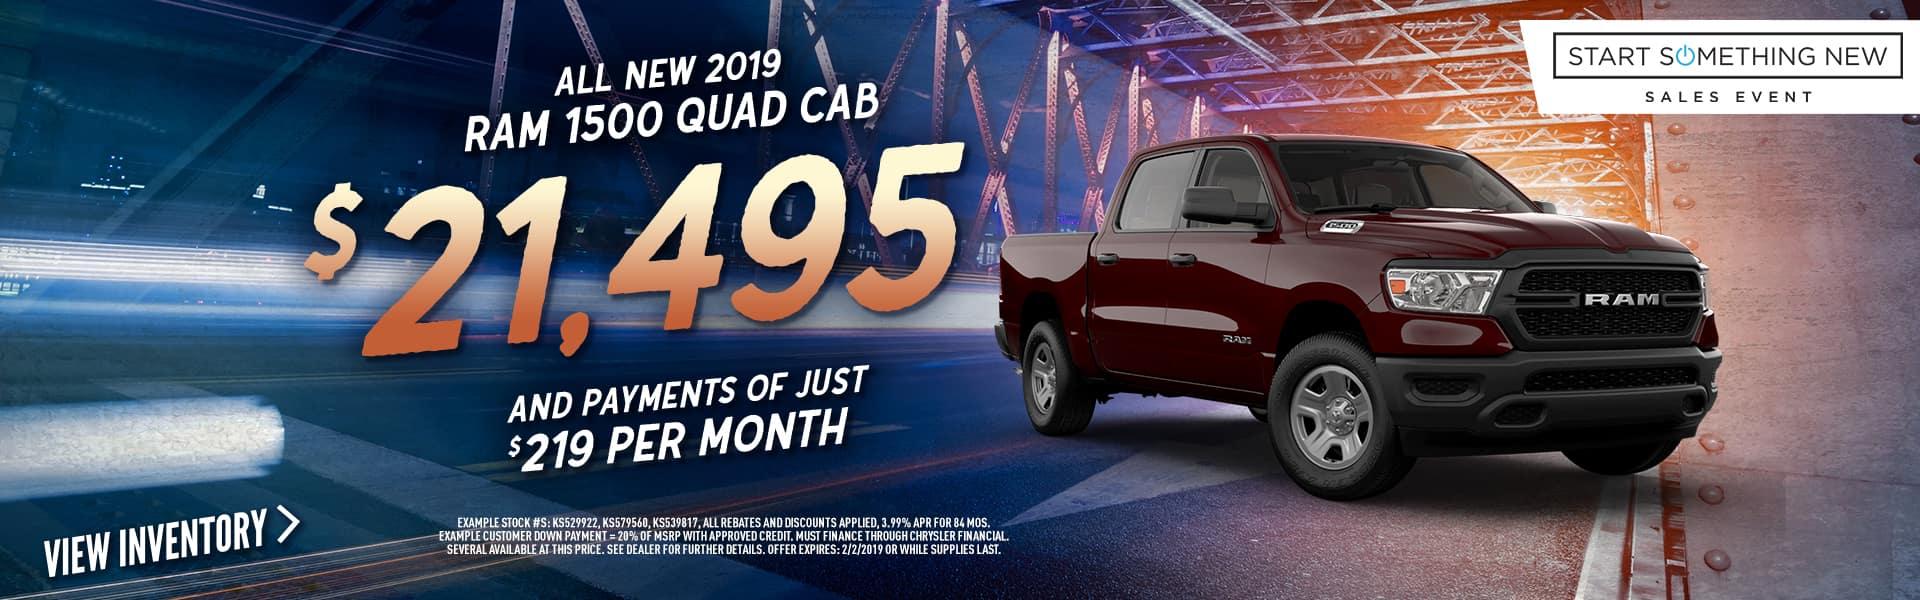 2019-Ram-1500-Quad-Cab